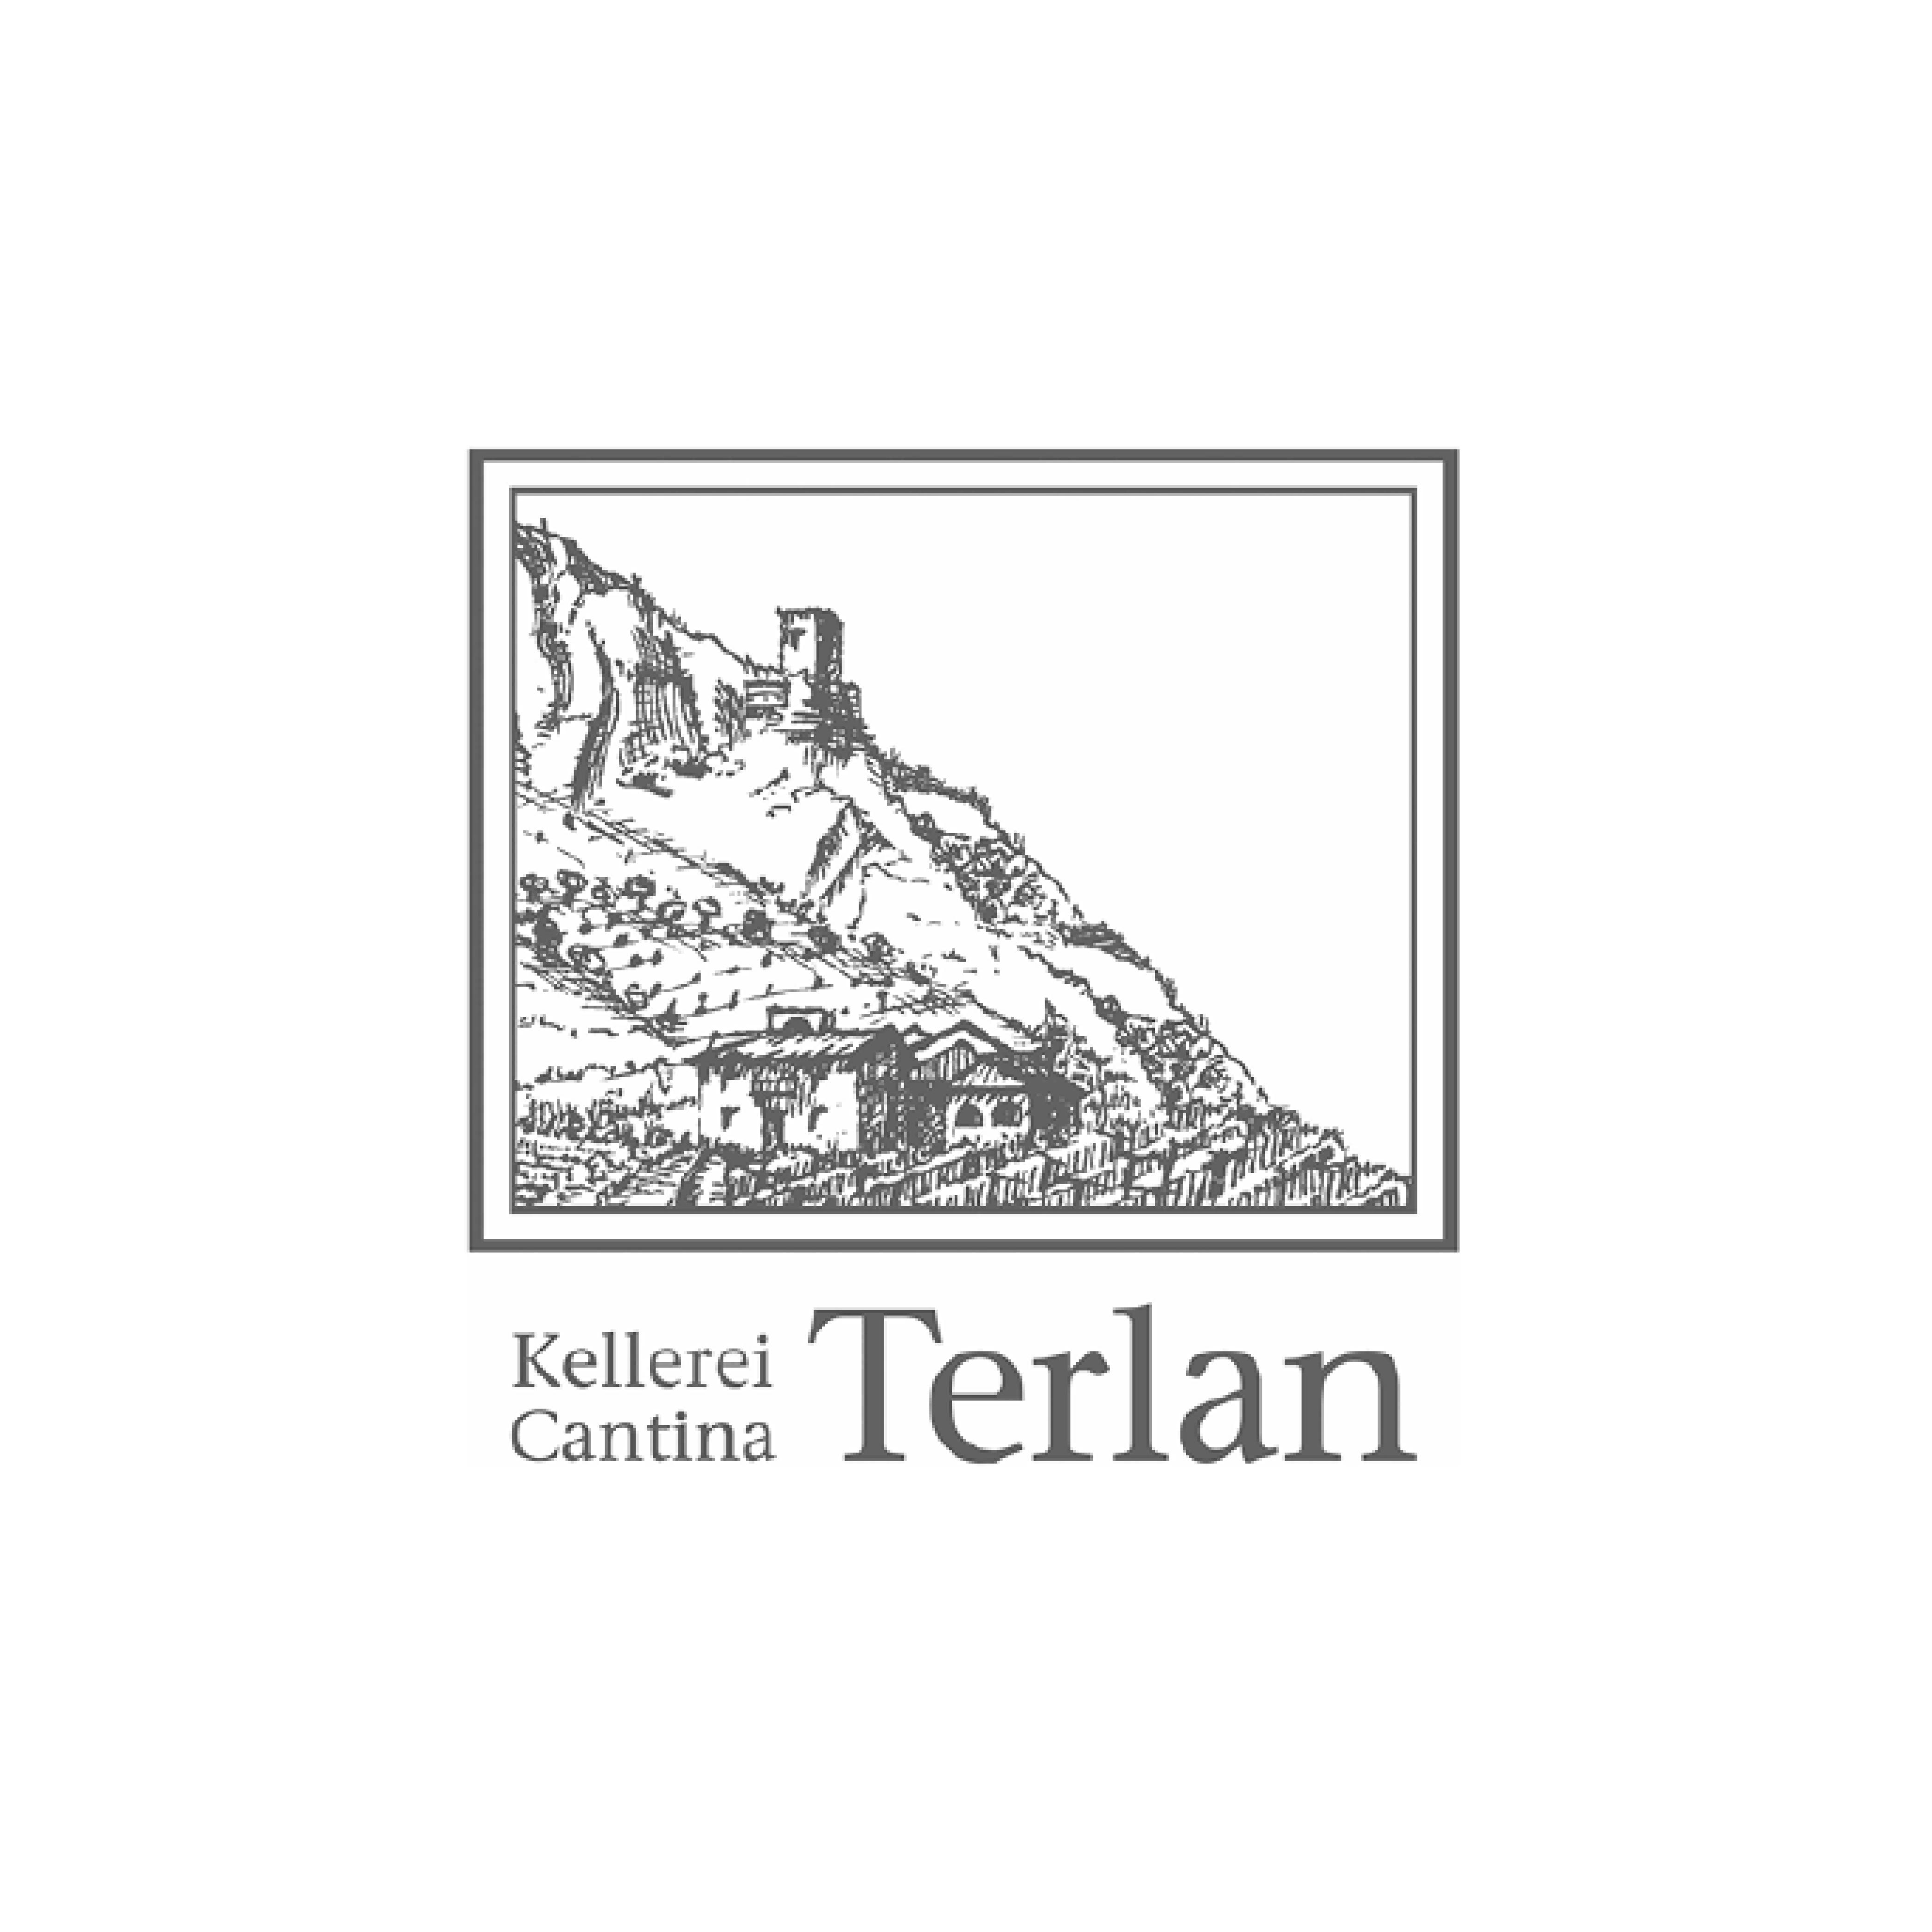 Kellerei Terlan a Vinòforum Cla